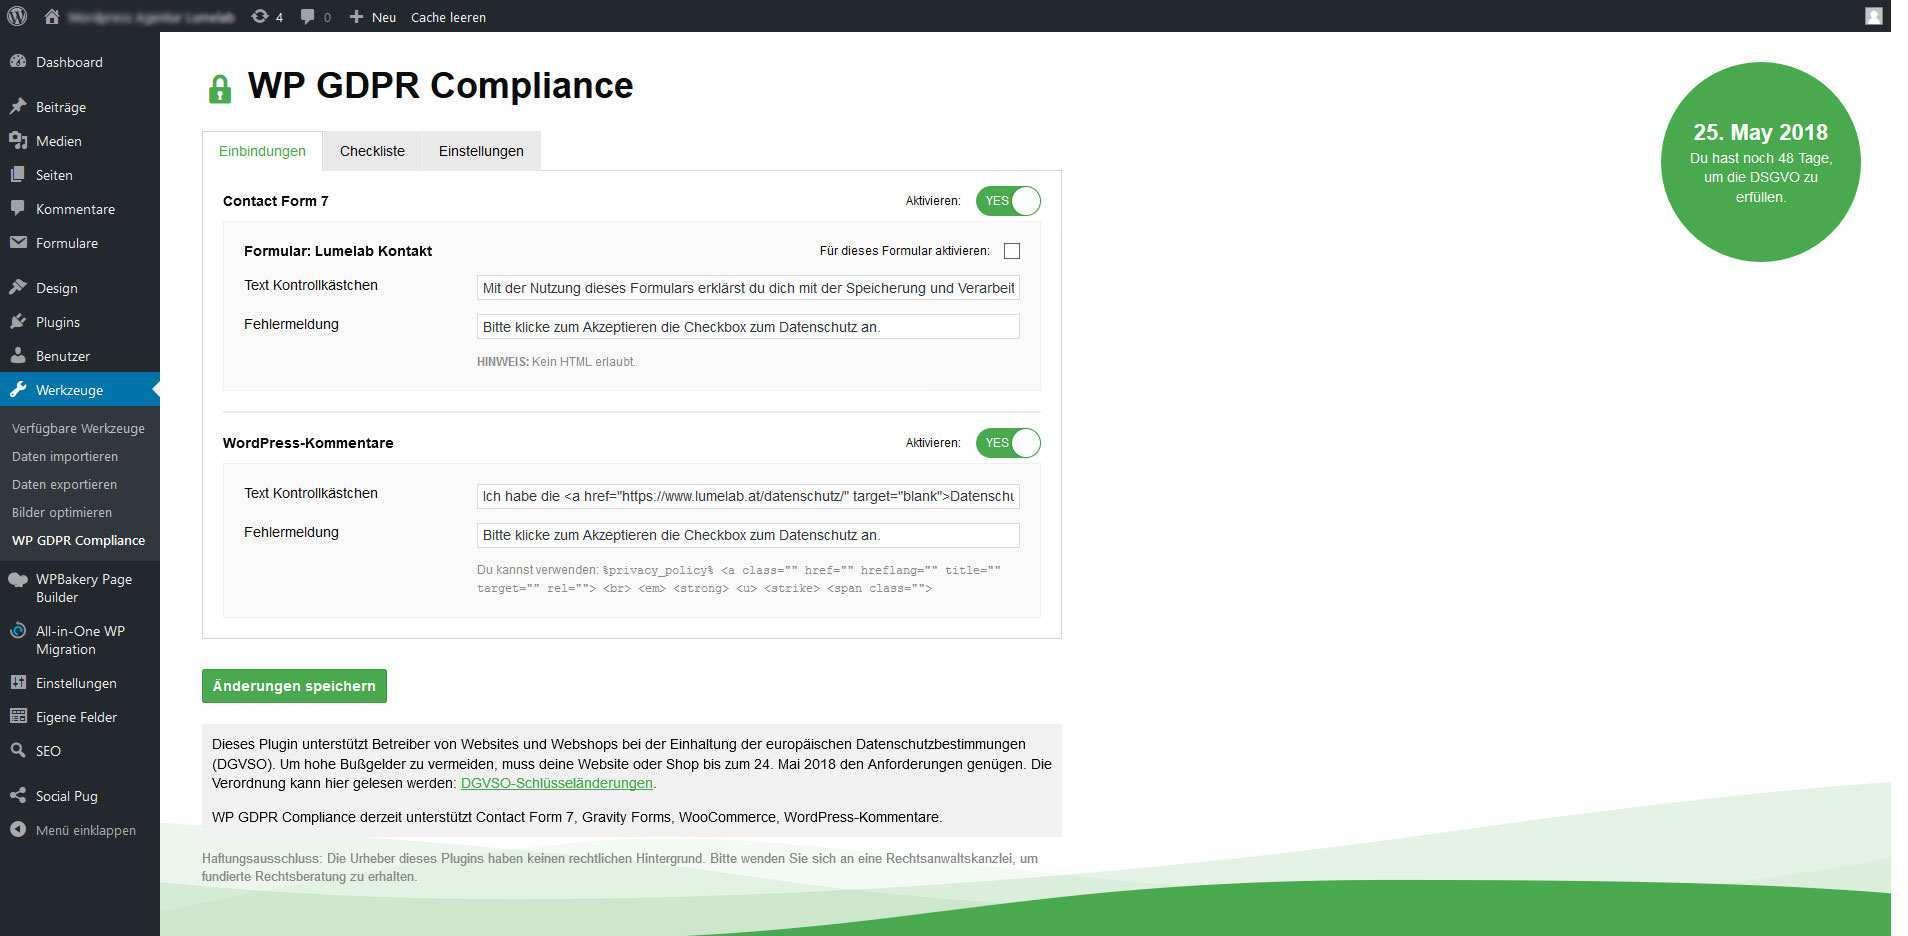 Formulare Kommentare Blog Wordpress Agentur Lumelab